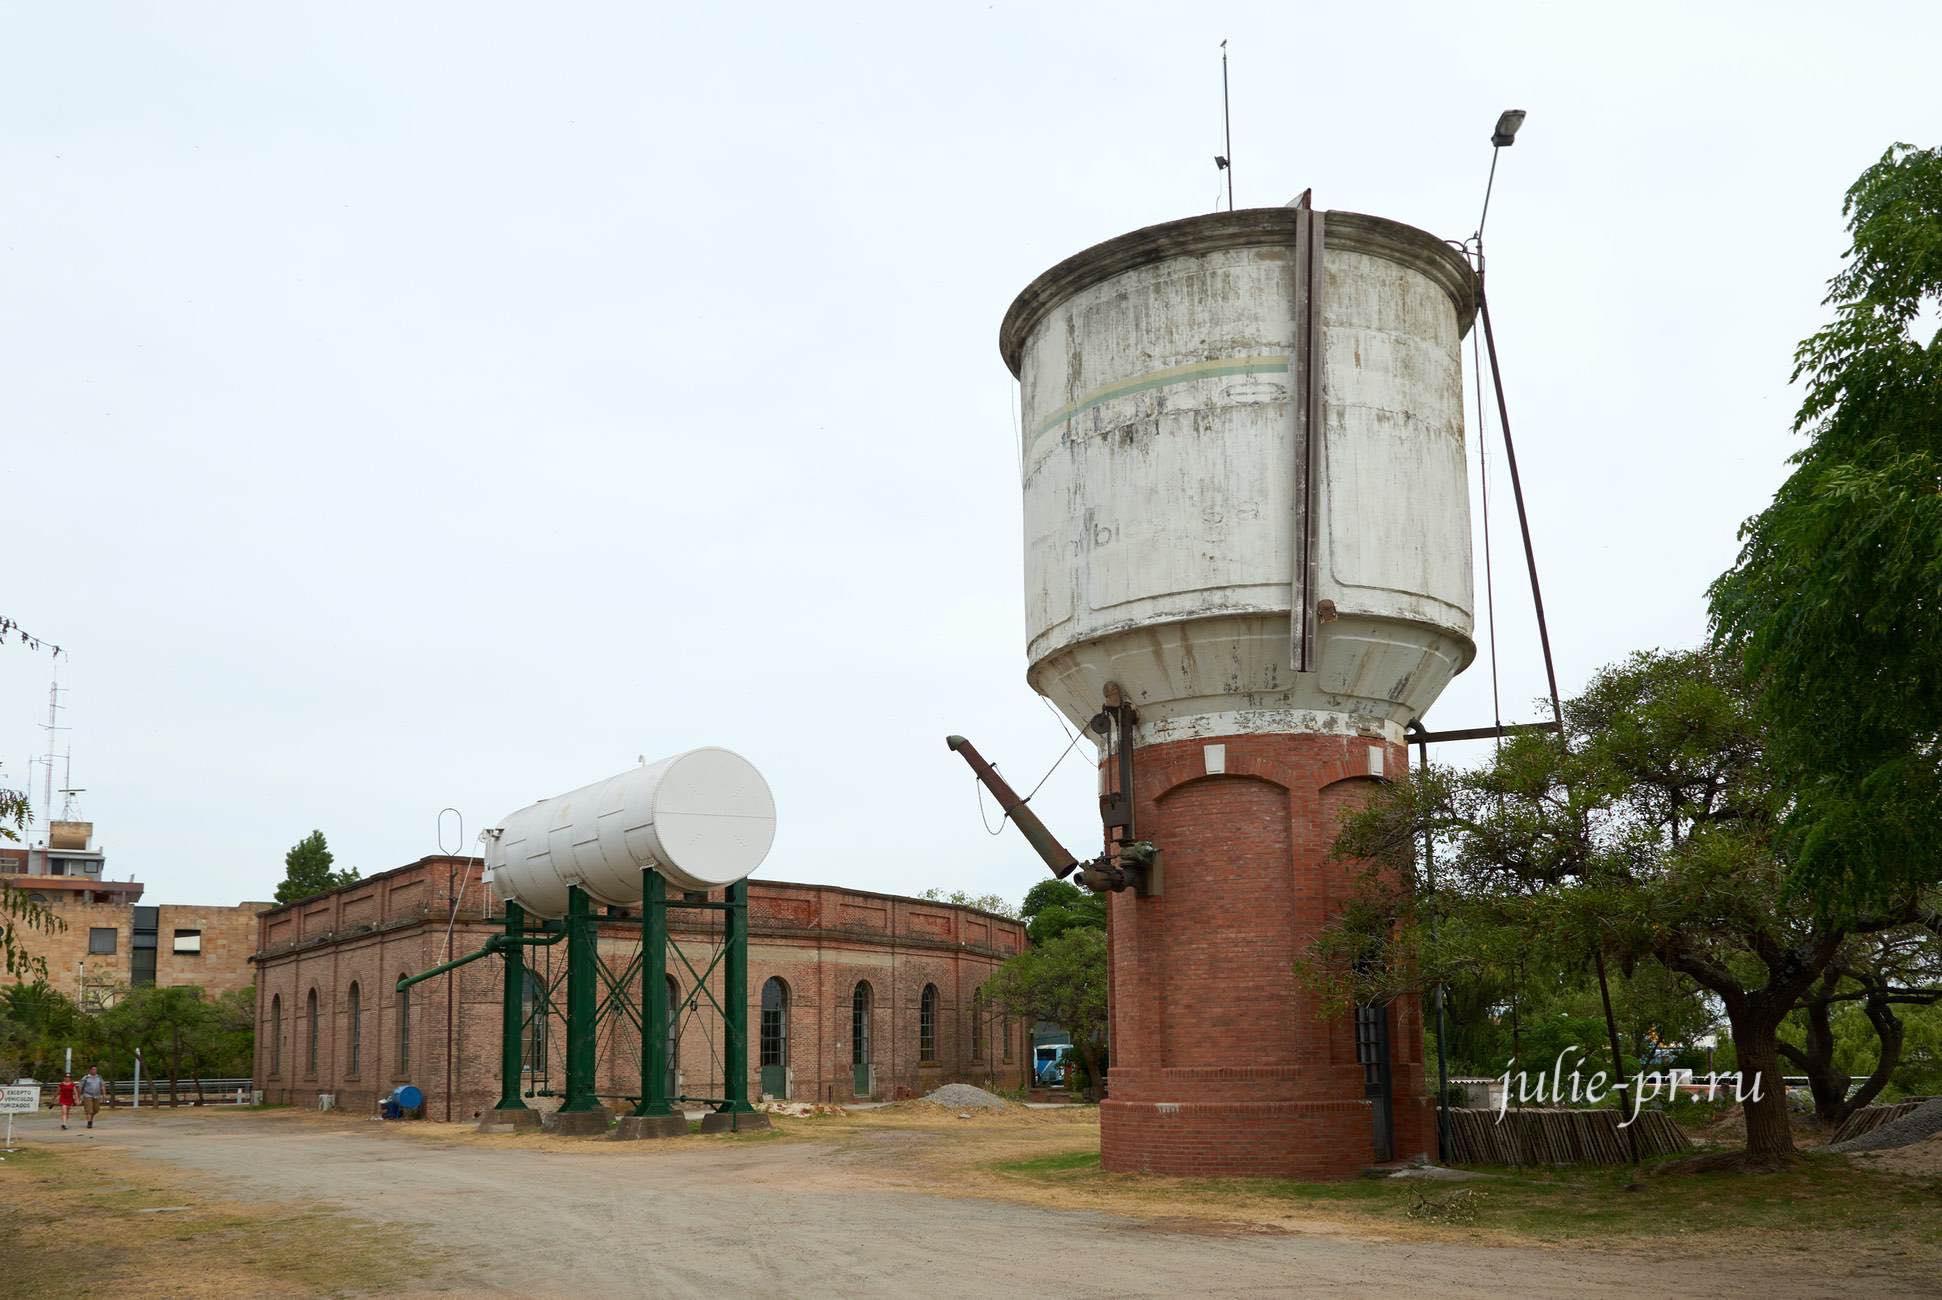 Уругвай, Колония-дель-Сакраменто, Башня для заправки паровозов водой